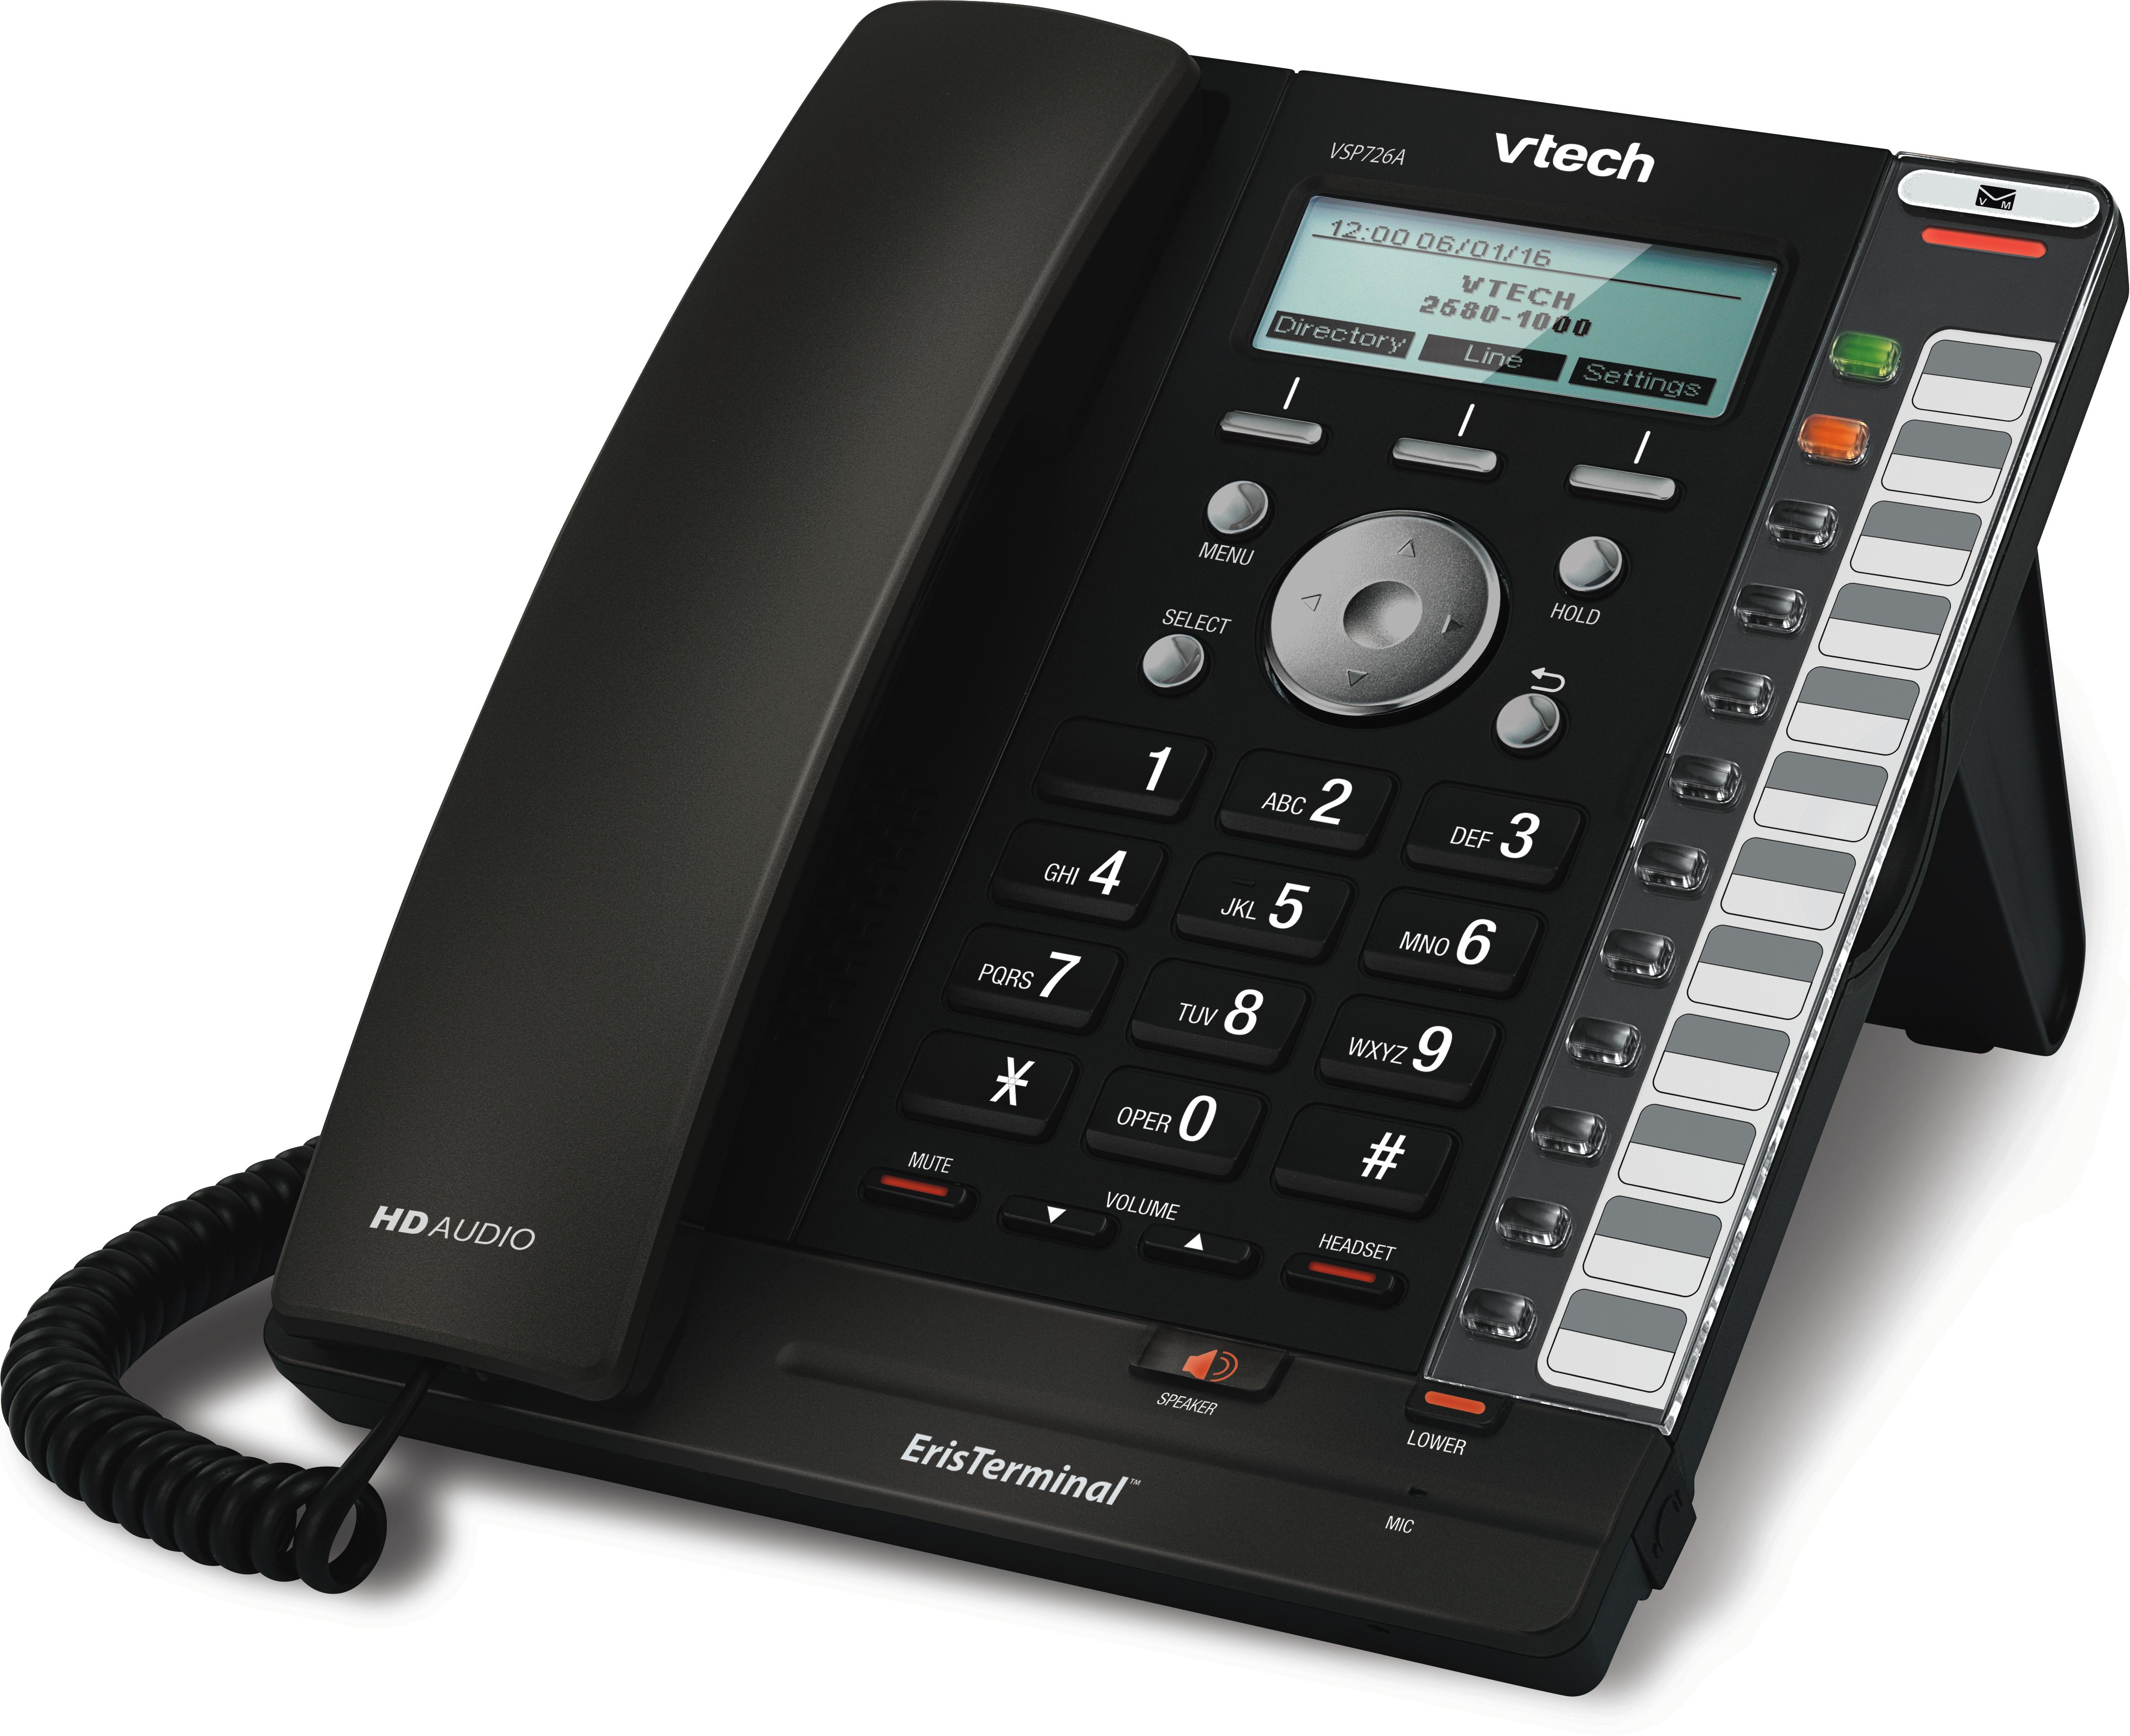 Vtech Vsp726a Sip Deskphone Provu Communications